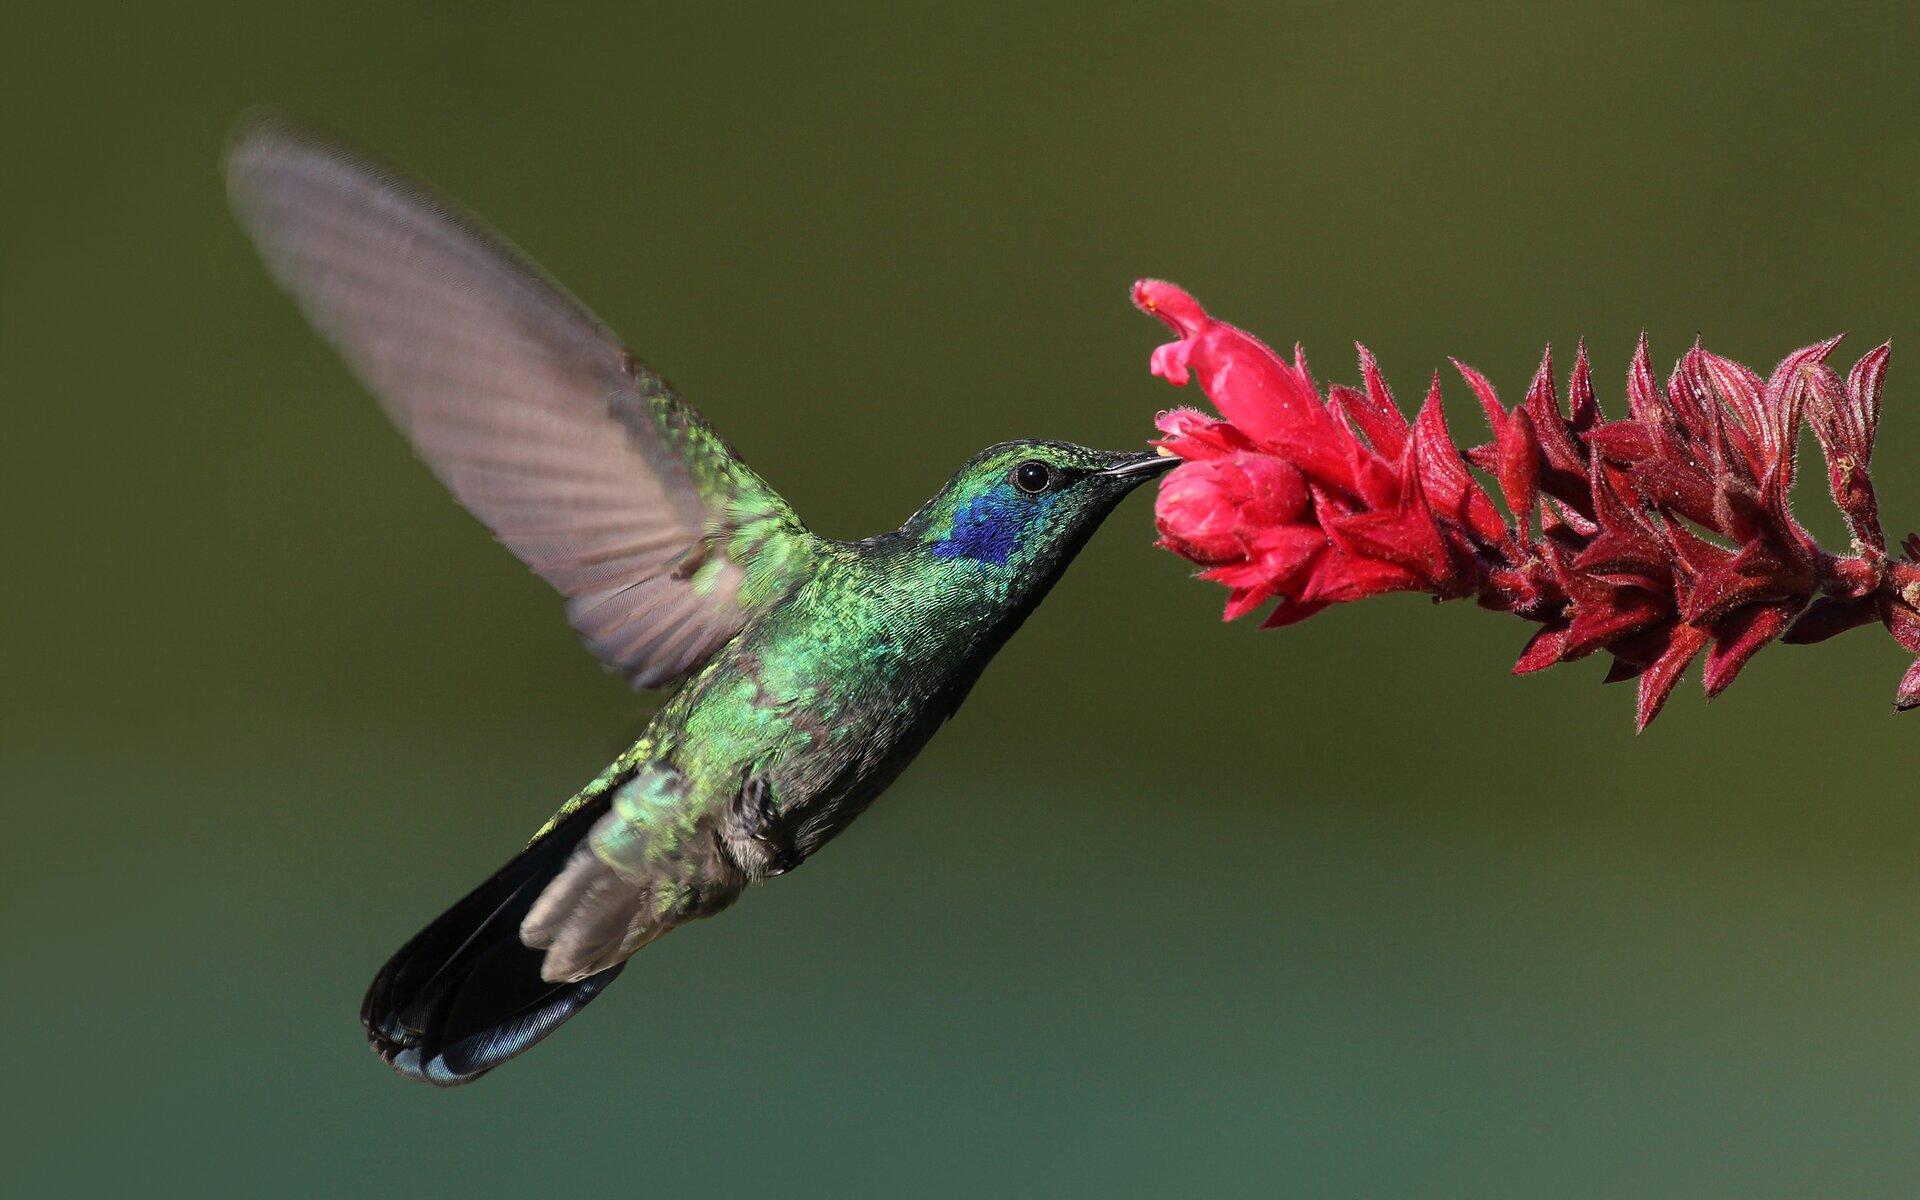 Fotografia przedstawia kolibra przy kwiecie. Ptak ma błękitne, lśniące pióra. Za okiem znajduje się fioletowa plama. Skrzydła są jasnofioletowe. Dziób ptaka jest długi izagłębiony wkwiecie.